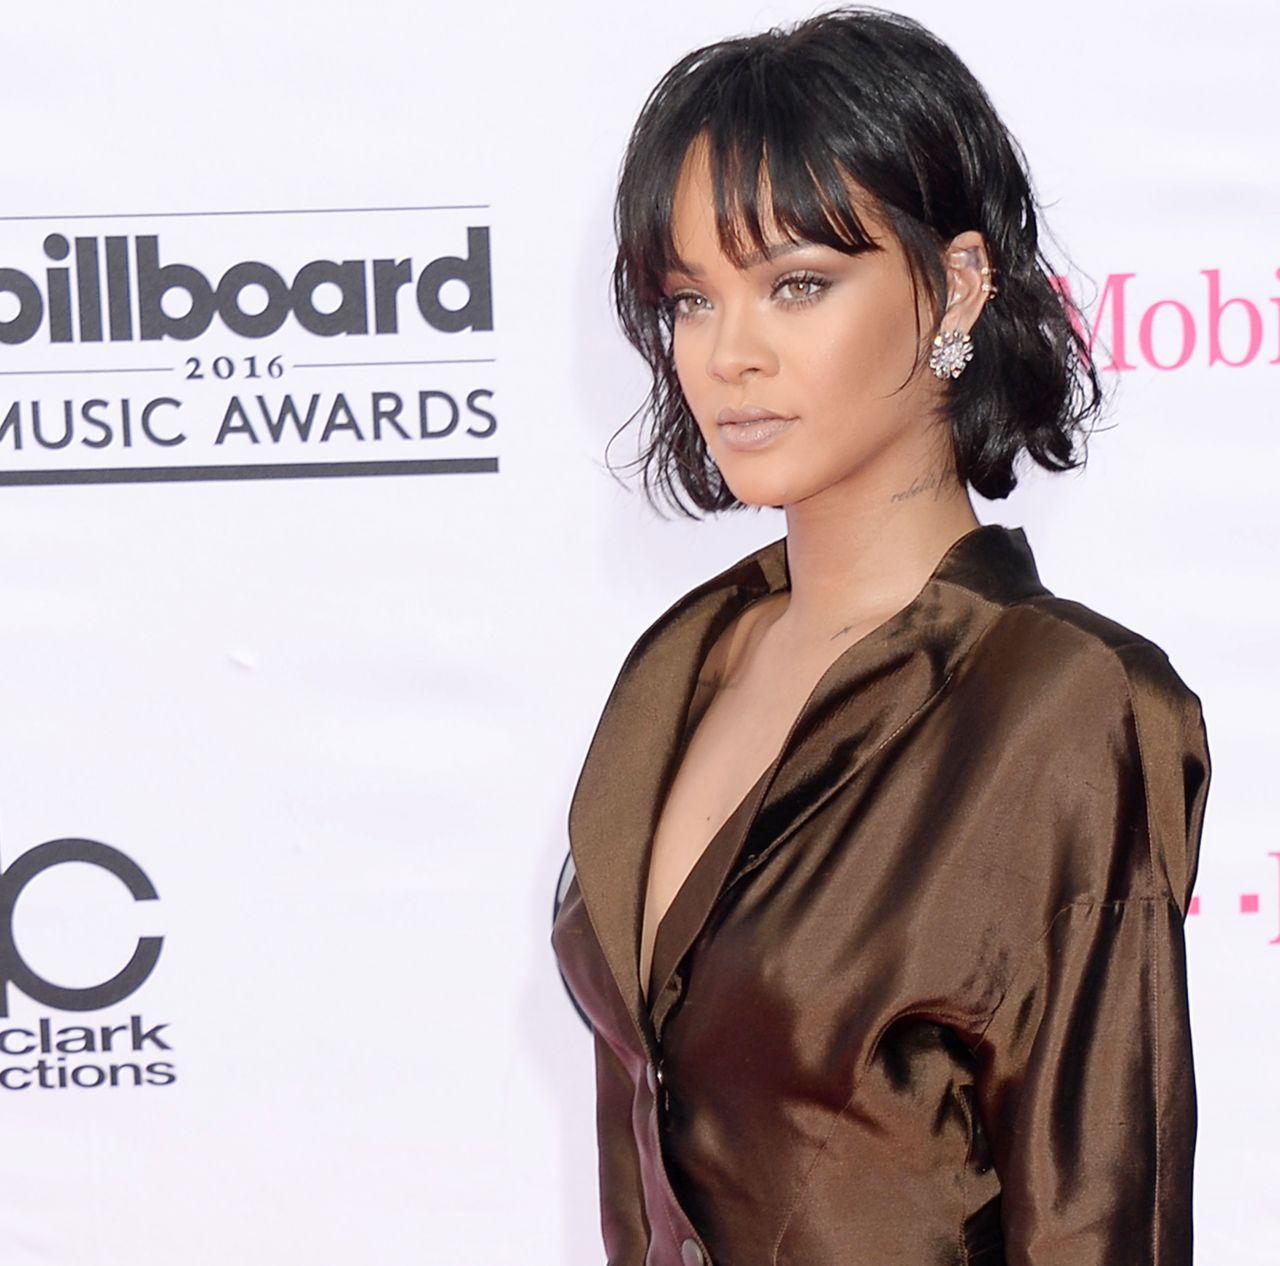 Rihanna - 2016 Billboard Music Awards in Las Vegas, NV Rihanna 2016